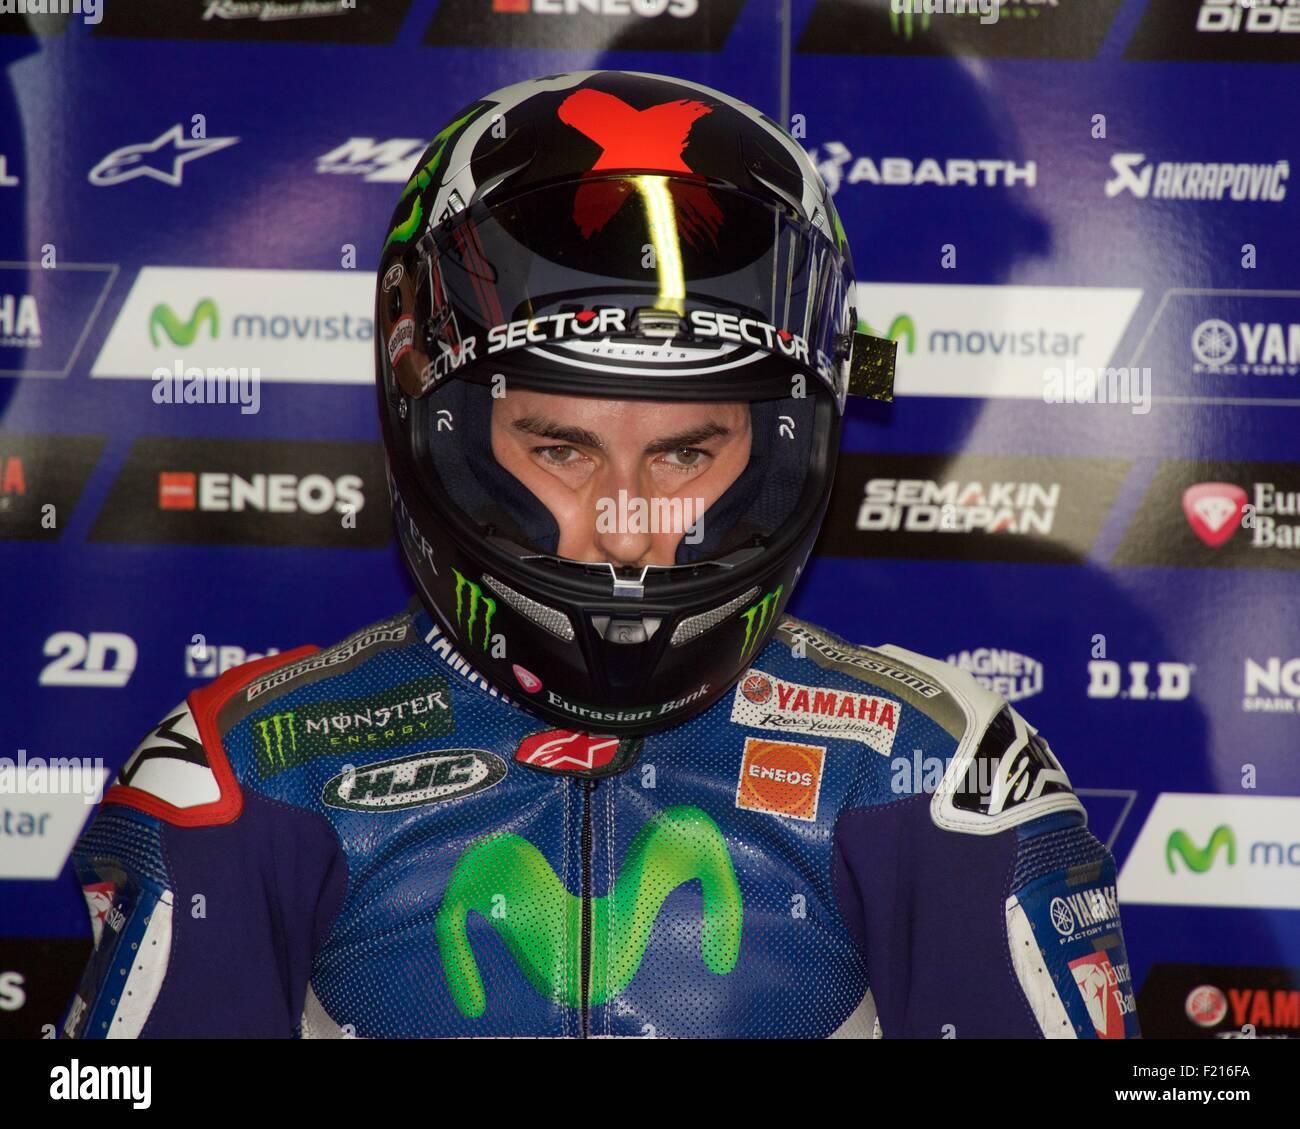 El Circuit de Catalunya, España 13 de junio de 2015. Jorge Lorenzo en la reflexión profunda durante la fase de clasificación para la carrera de MotoGP en el Gran Prem Foto de stock